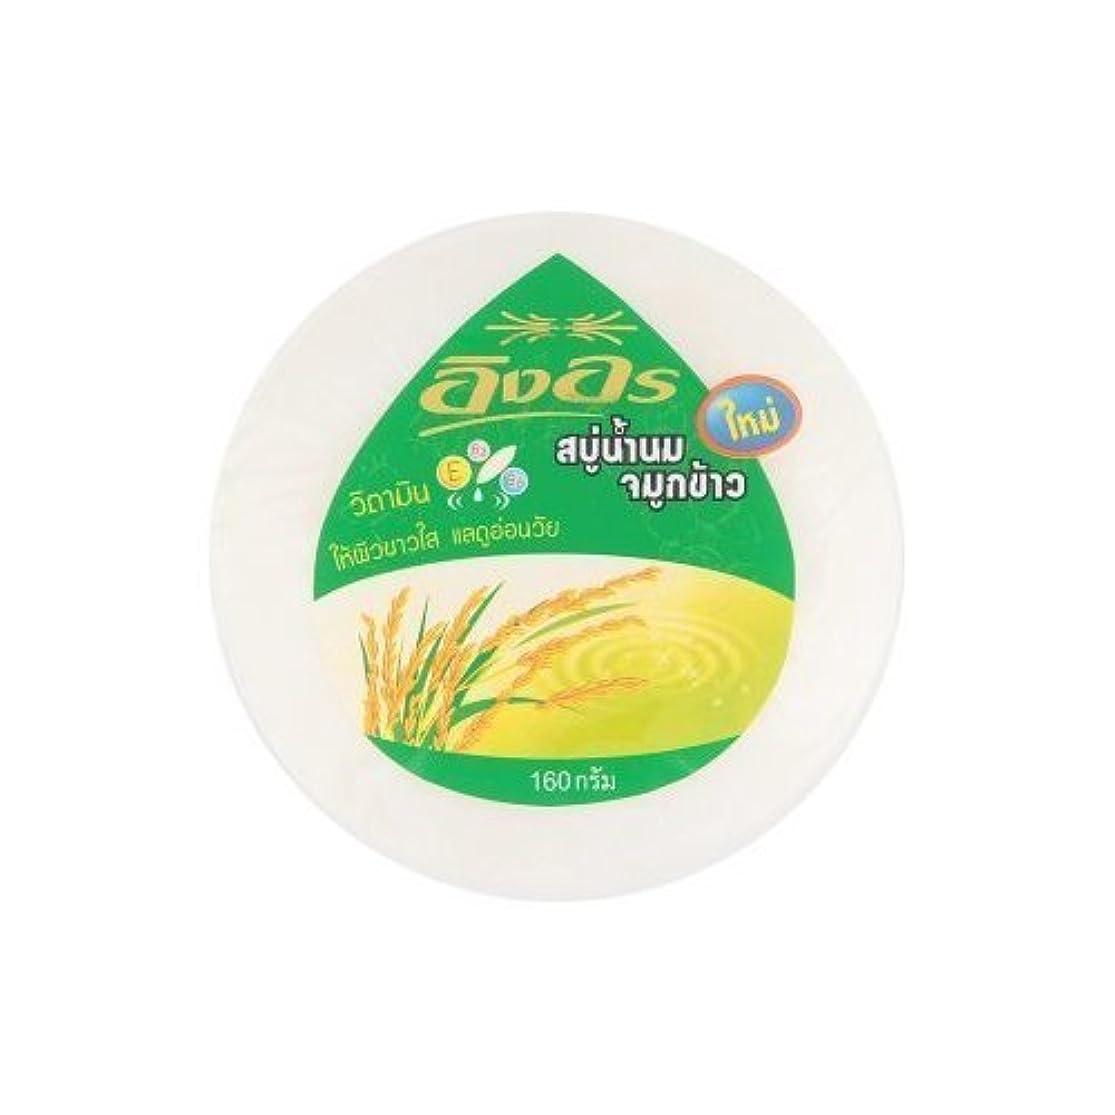 手のひら波紋ビスケットNi Yom Thai shop Ing on : Wheat Germ Milk Herbal Soap Bar 5.64 Oz. Made in Thailand